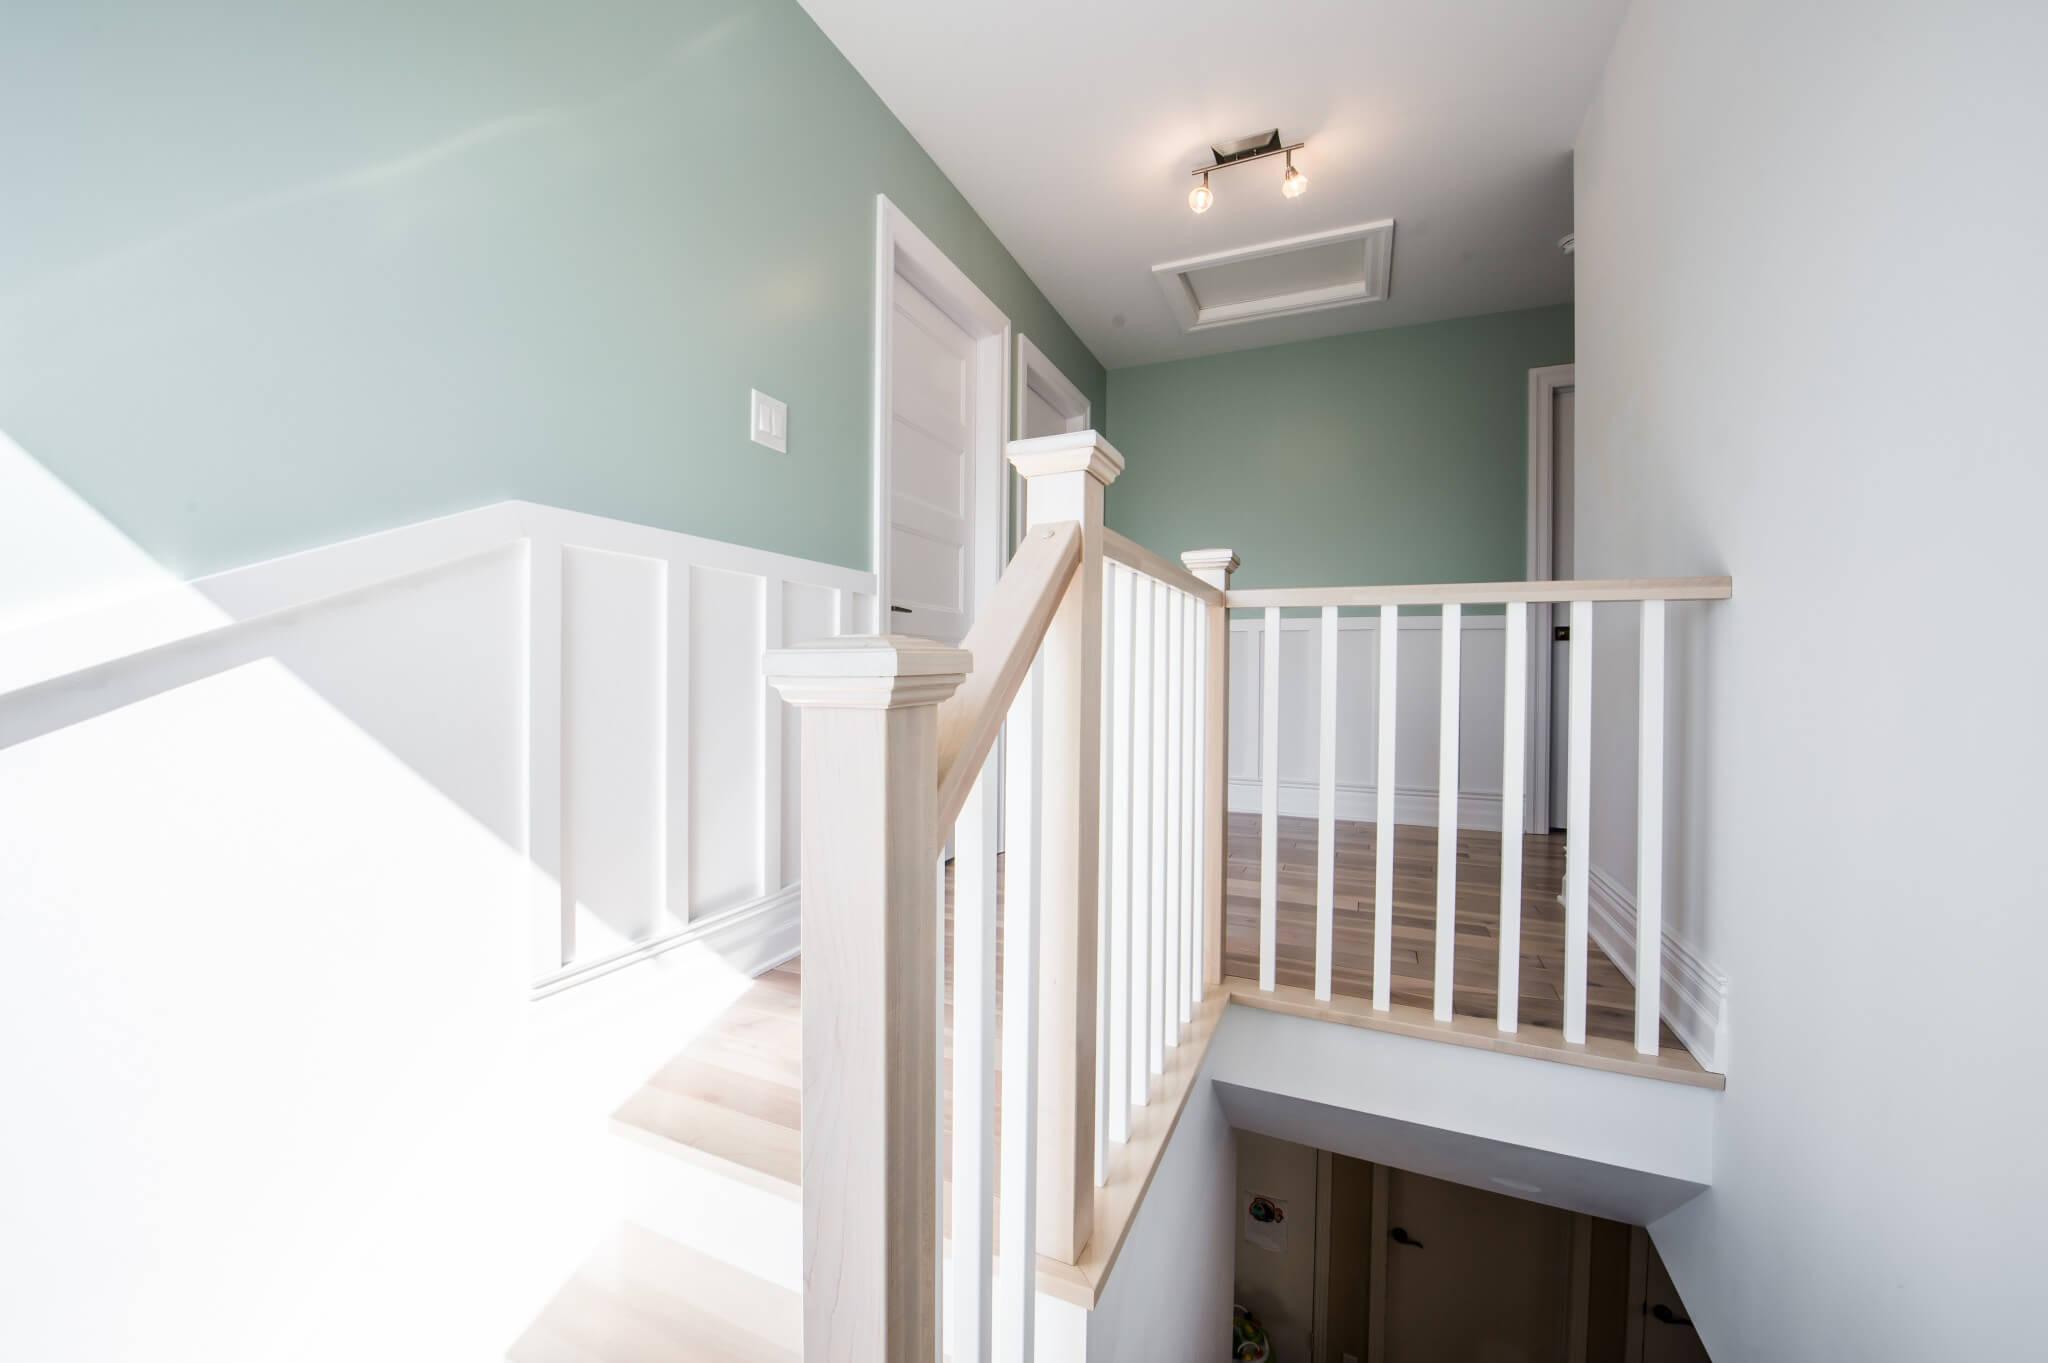 cage d'escalier agrandissement maison